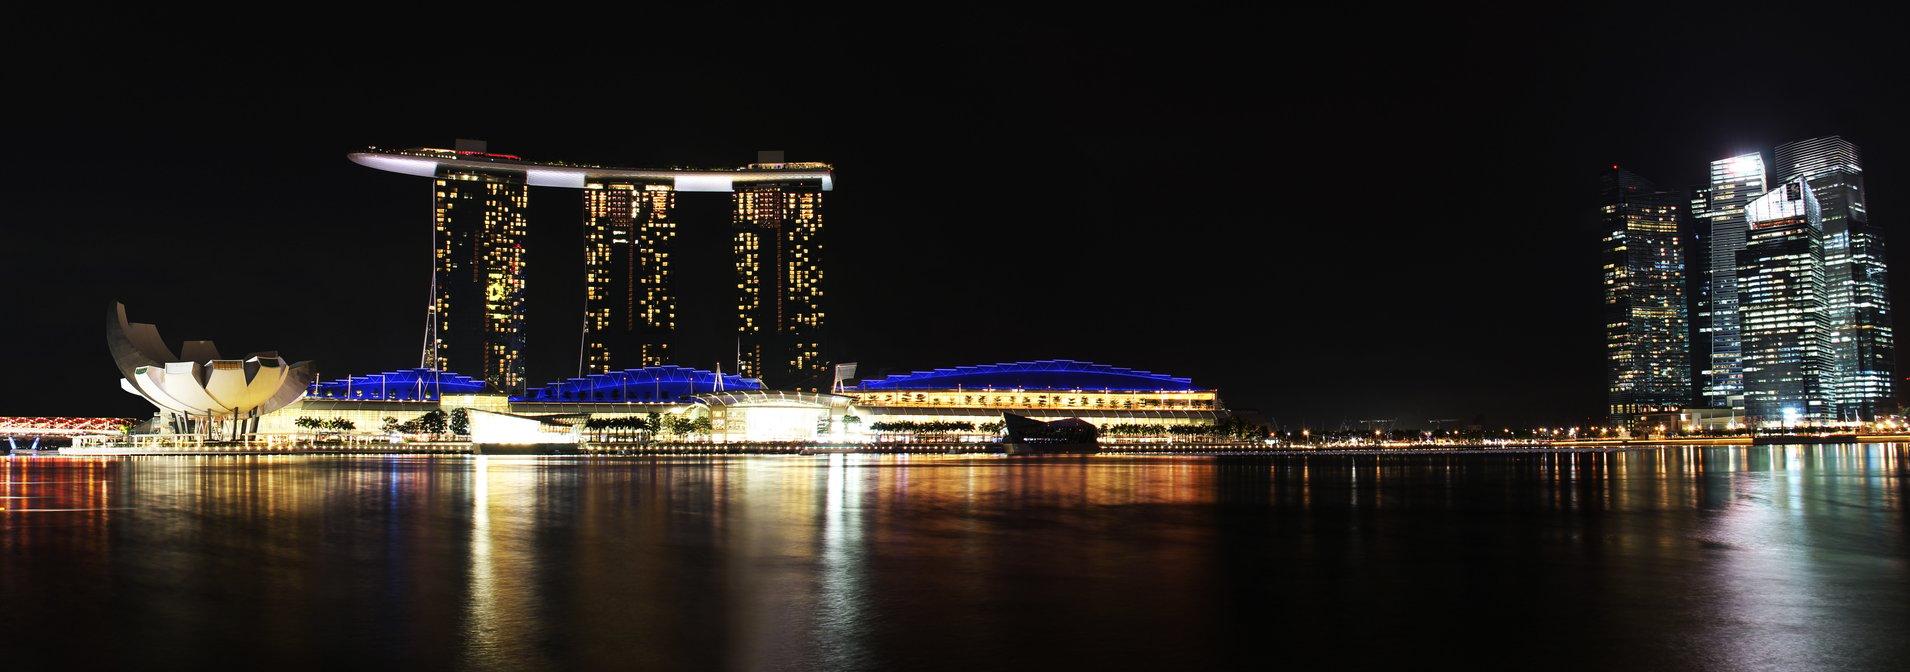 singaporemarinabayhighresolutionnight